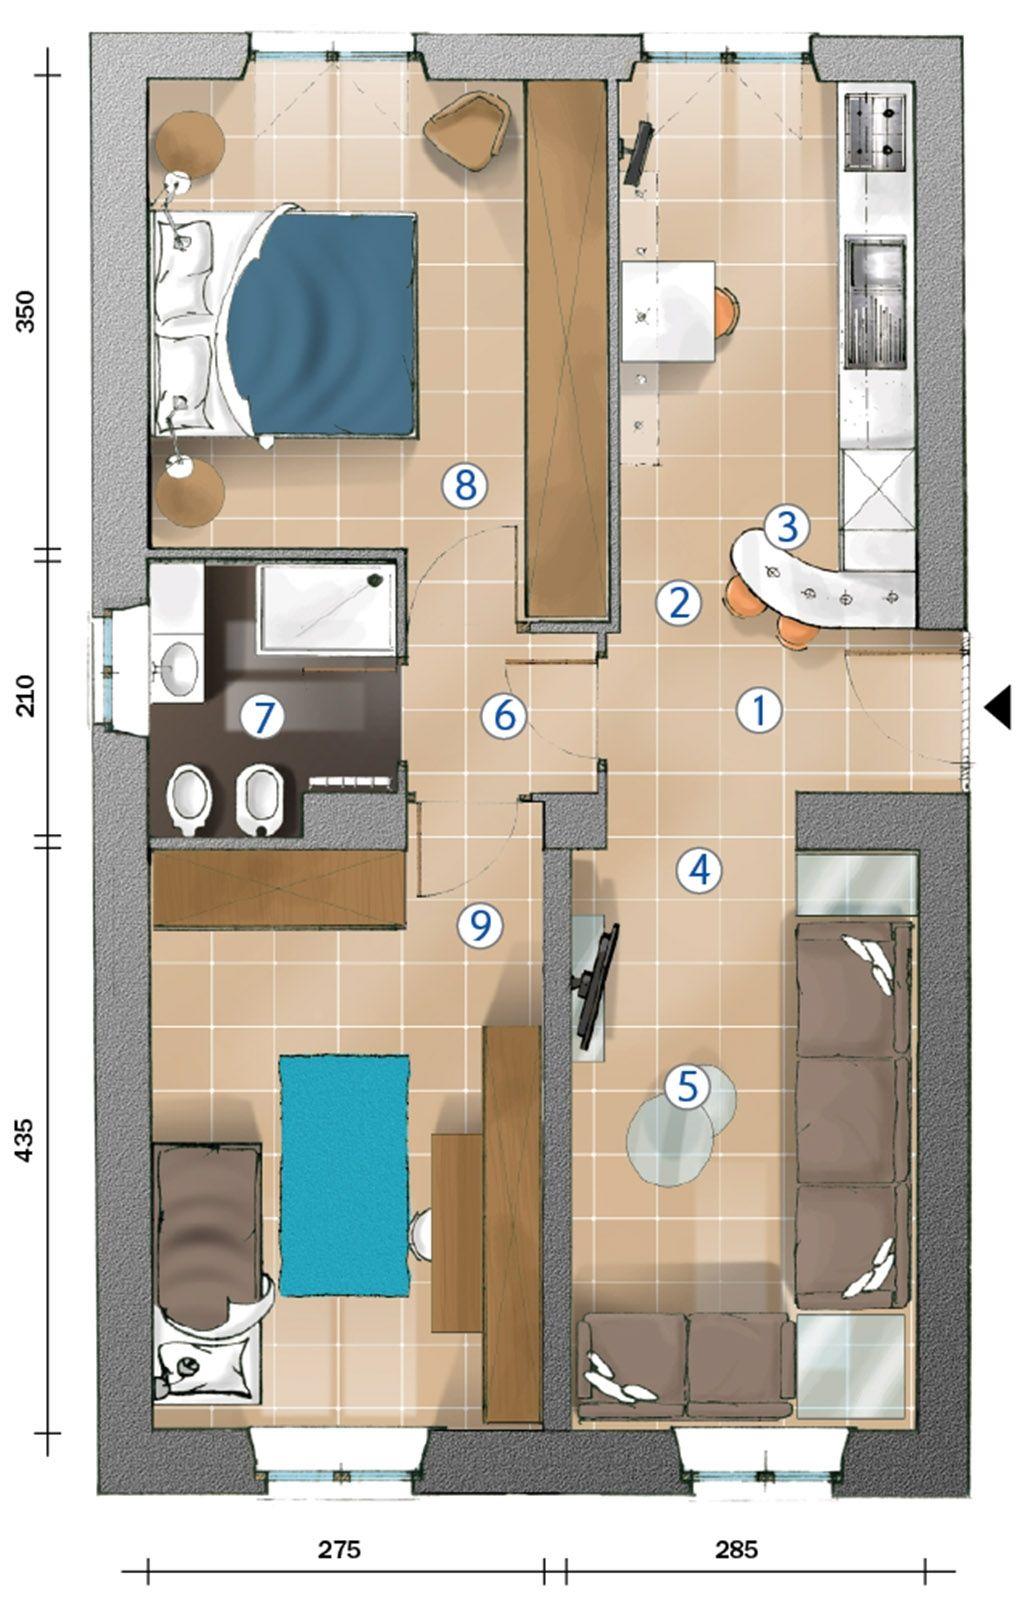 Unico Ambiente Cucina Soggiorno soggiorno cucina piccolo : soggiorno cucina piccolo cucina e